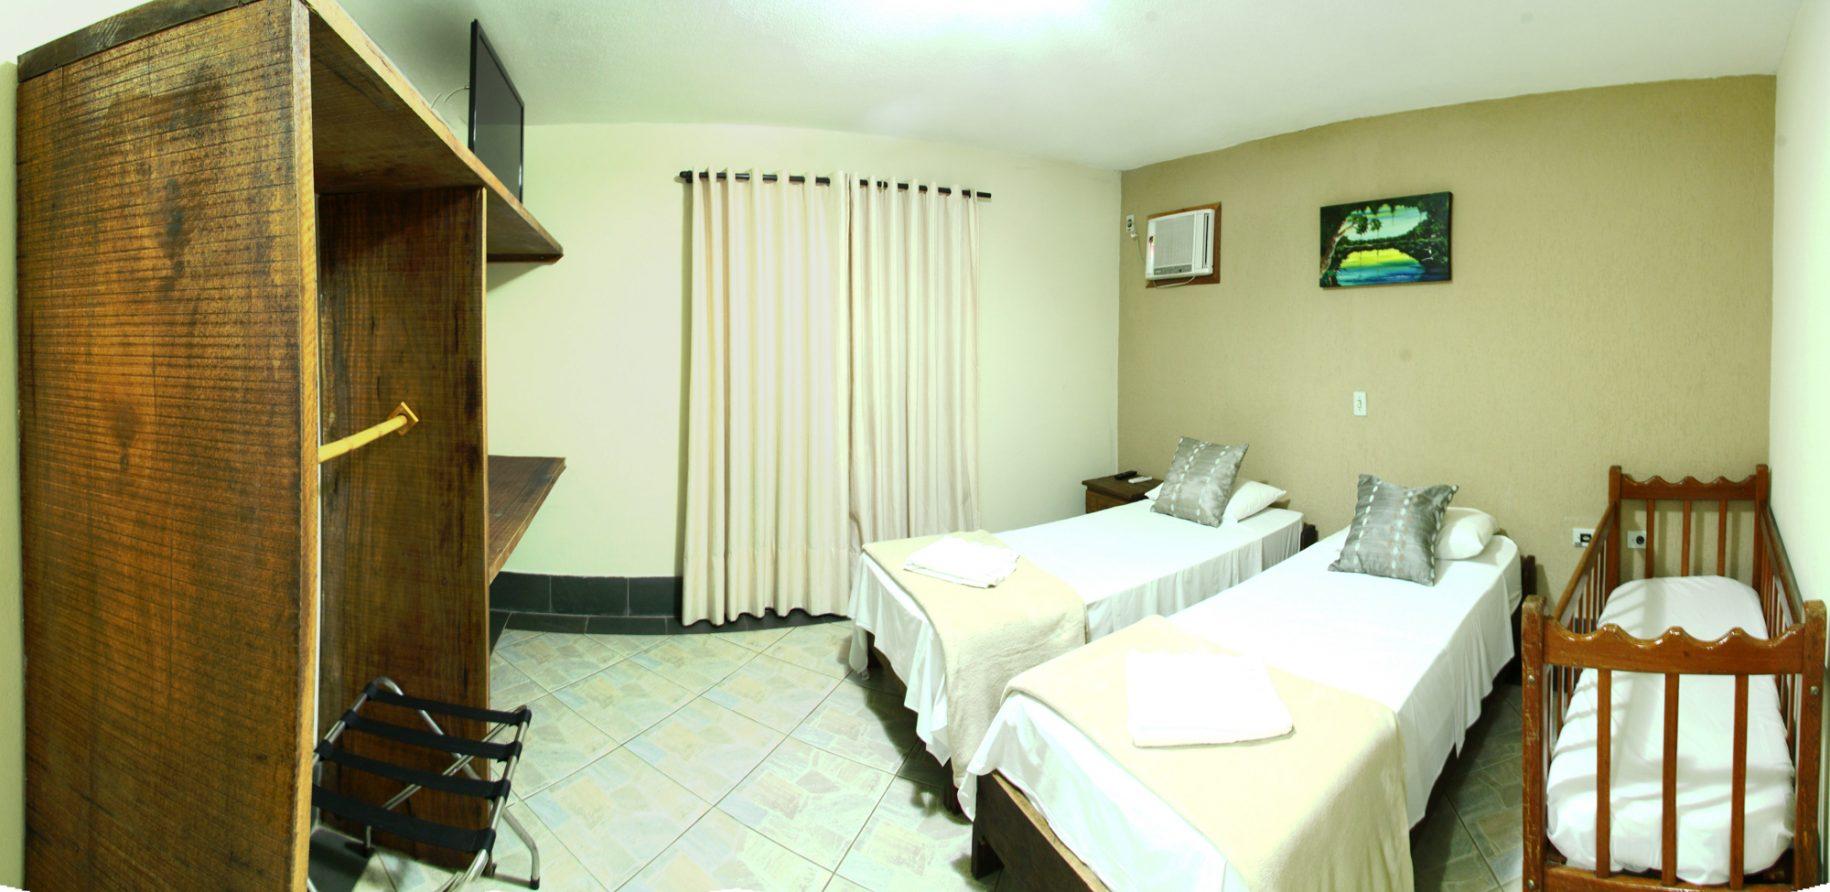 Quarto de uma das acomodações do hotel fazenda parque dos sonhos com, duas camas de solteiro, um berço, ar condicionado quente e frio, tv de led, cofre, frigobar